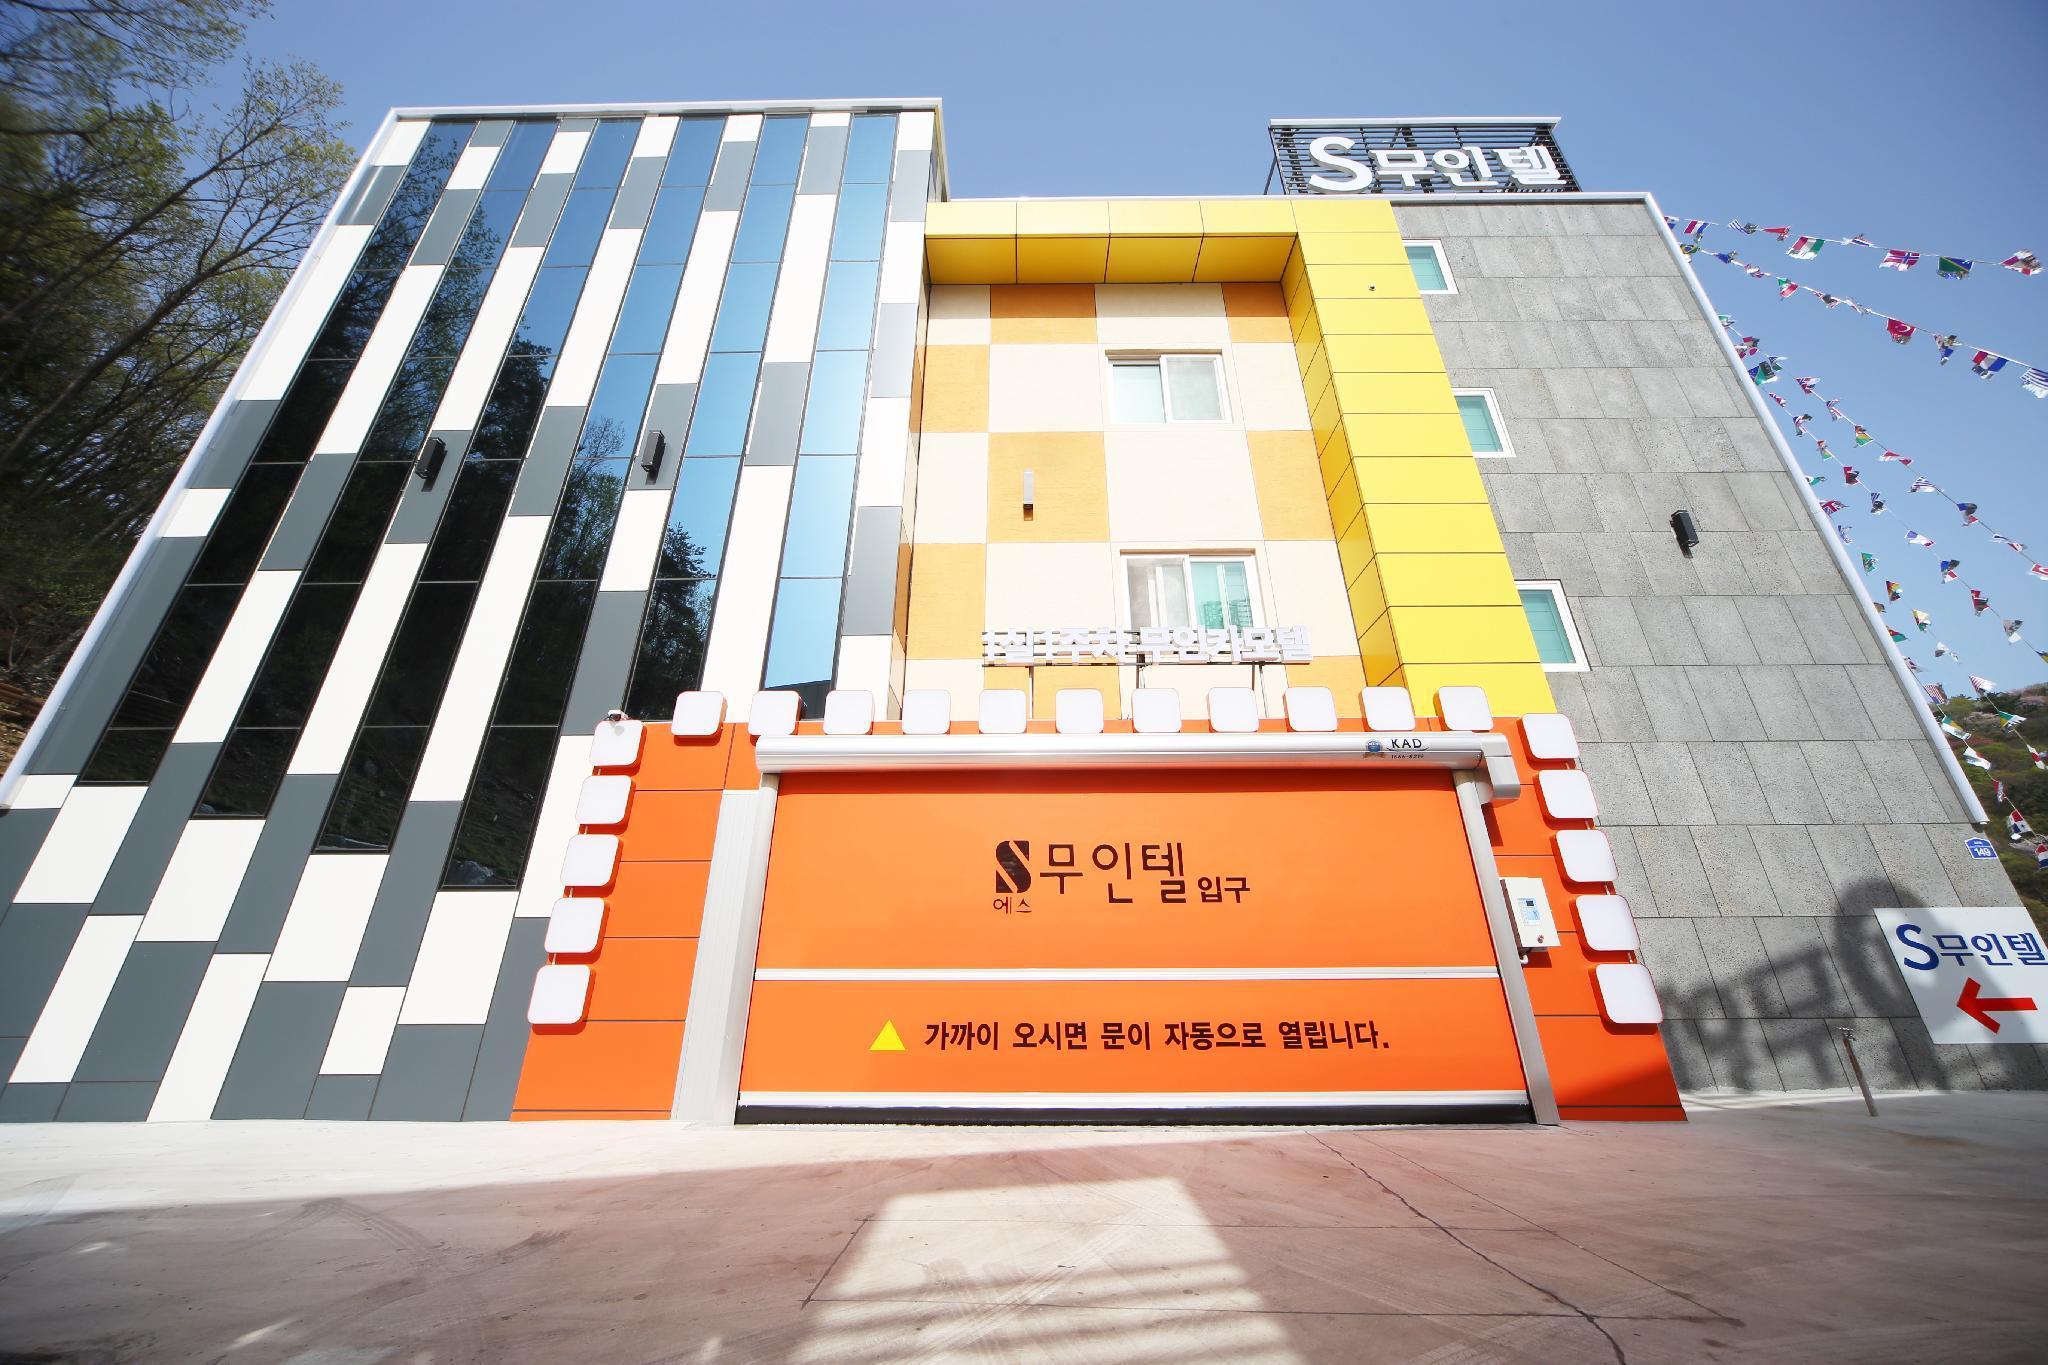 Pohang driving S motel posco, Pohang